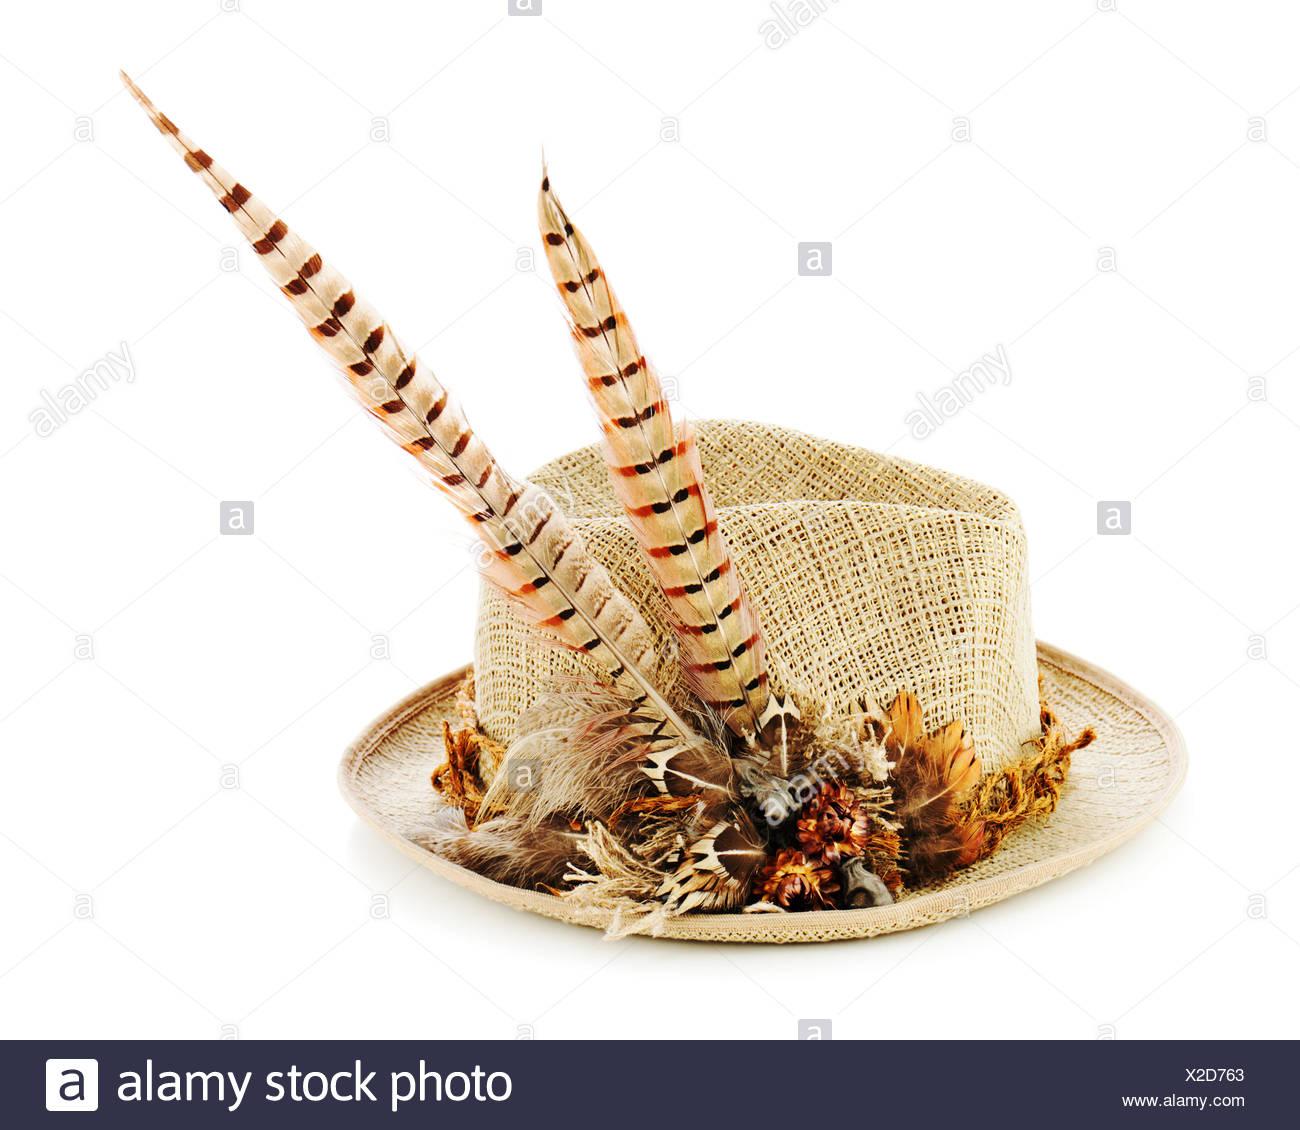 Sombrero de plumas de caza de faisanes aislado en blanco. Closeup. Imagen  De Stock 174064cd3ca